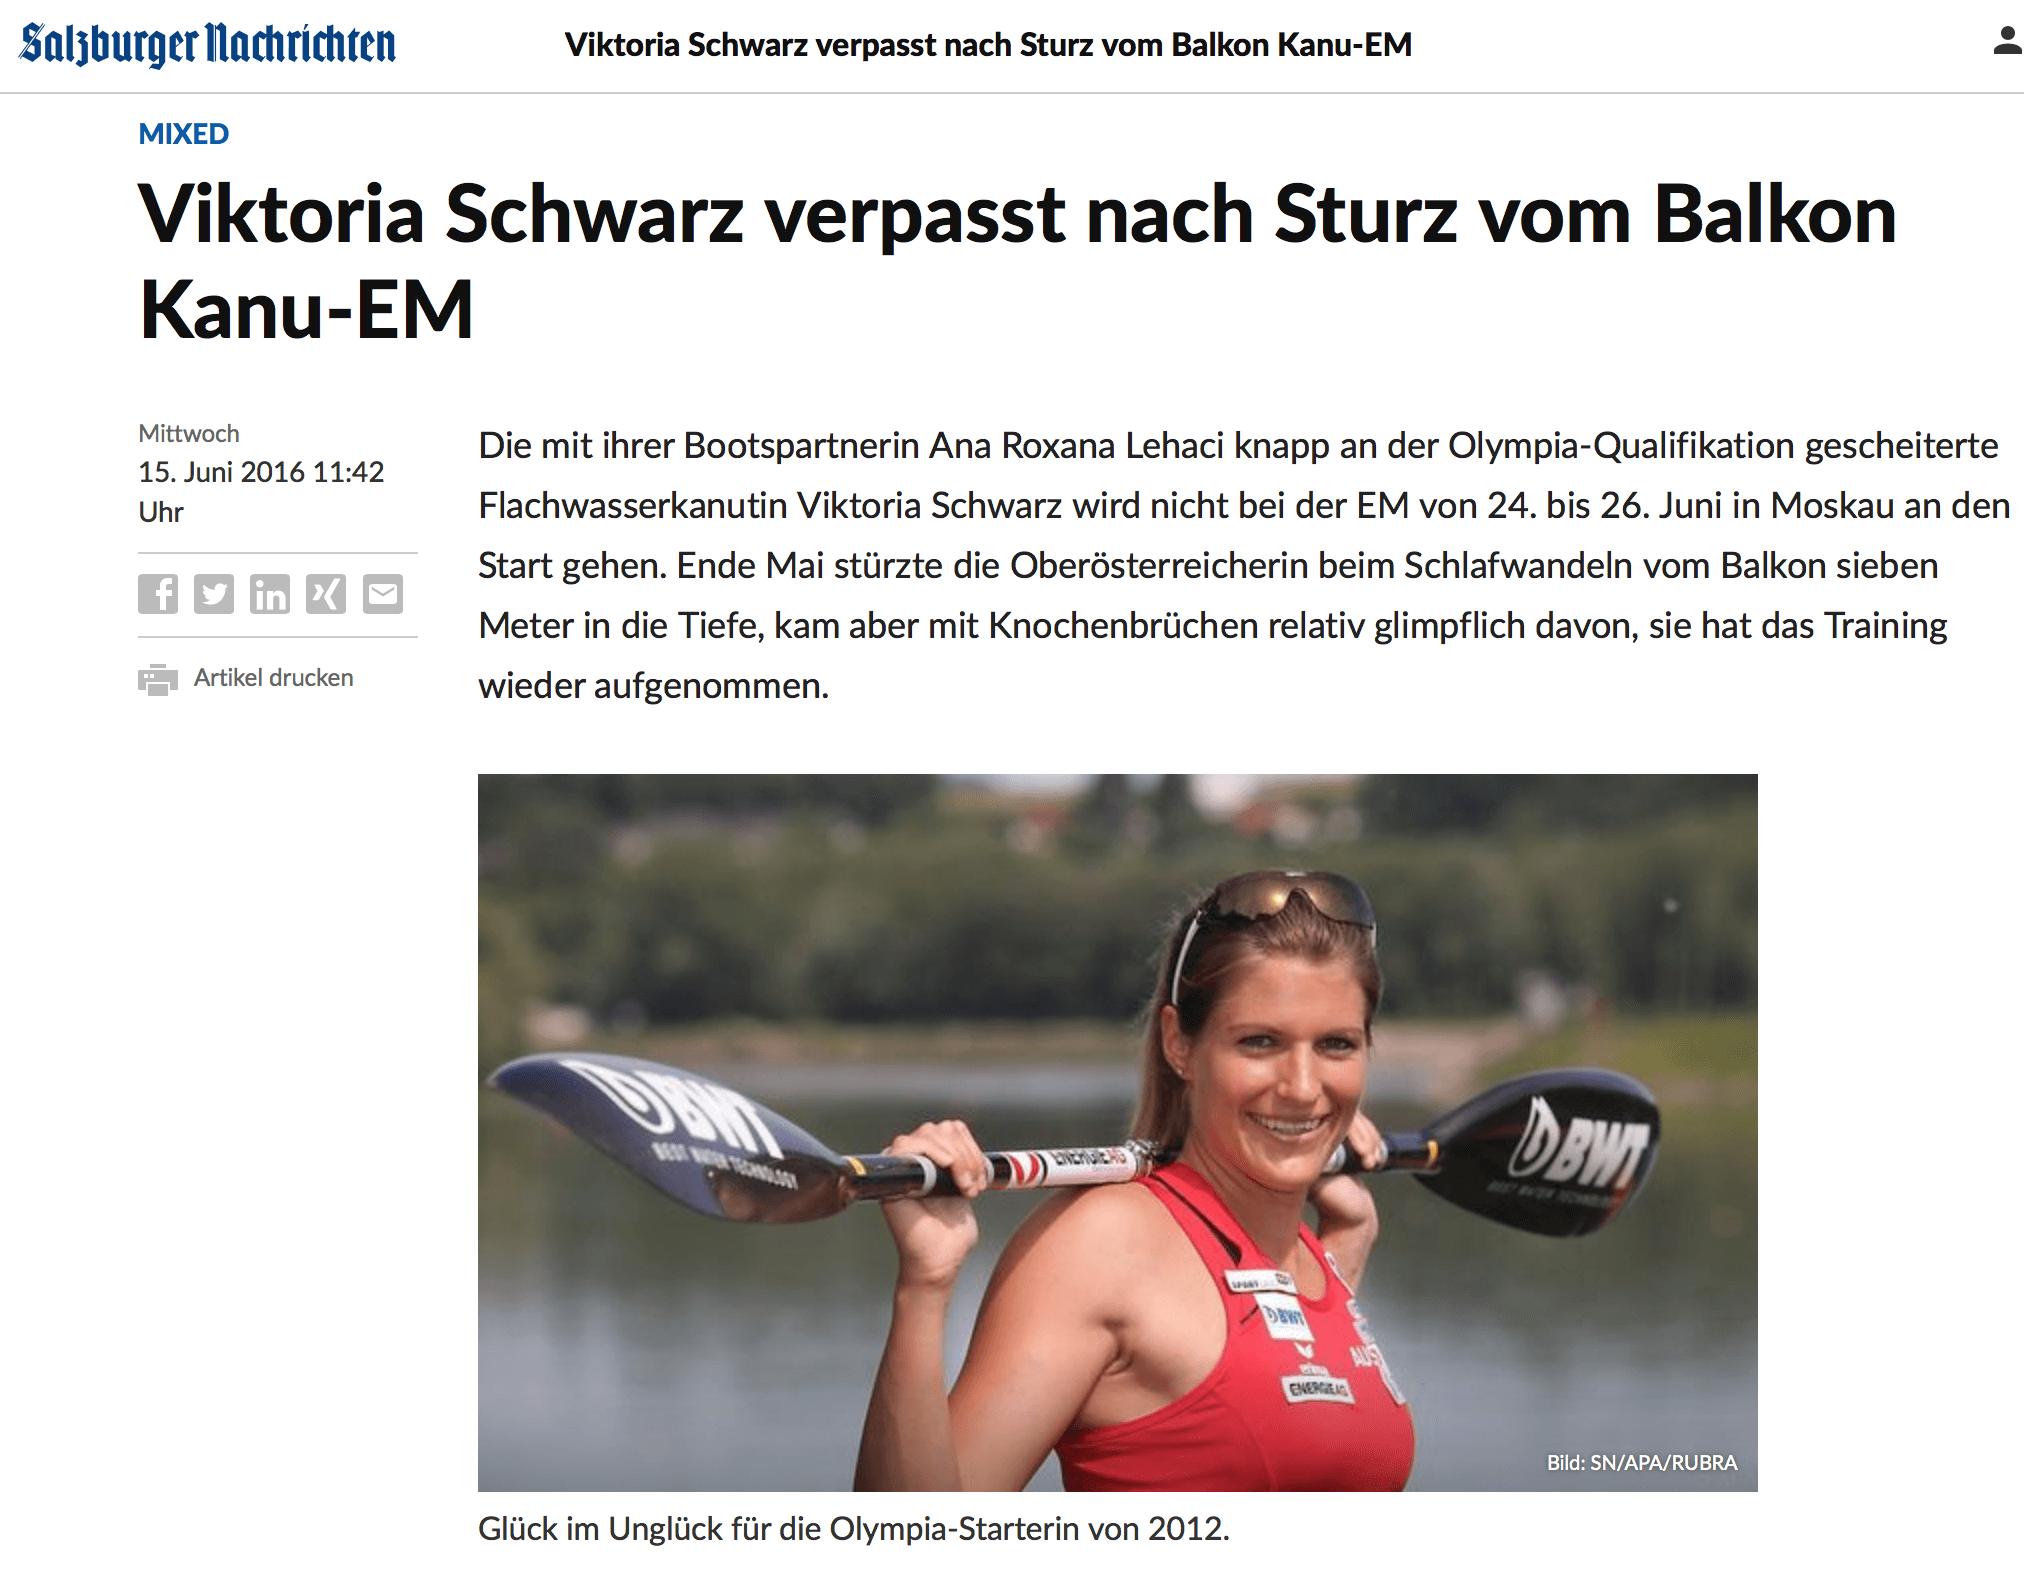 Viktoria Schwarz verpasst nach Sturz von Balkon EM